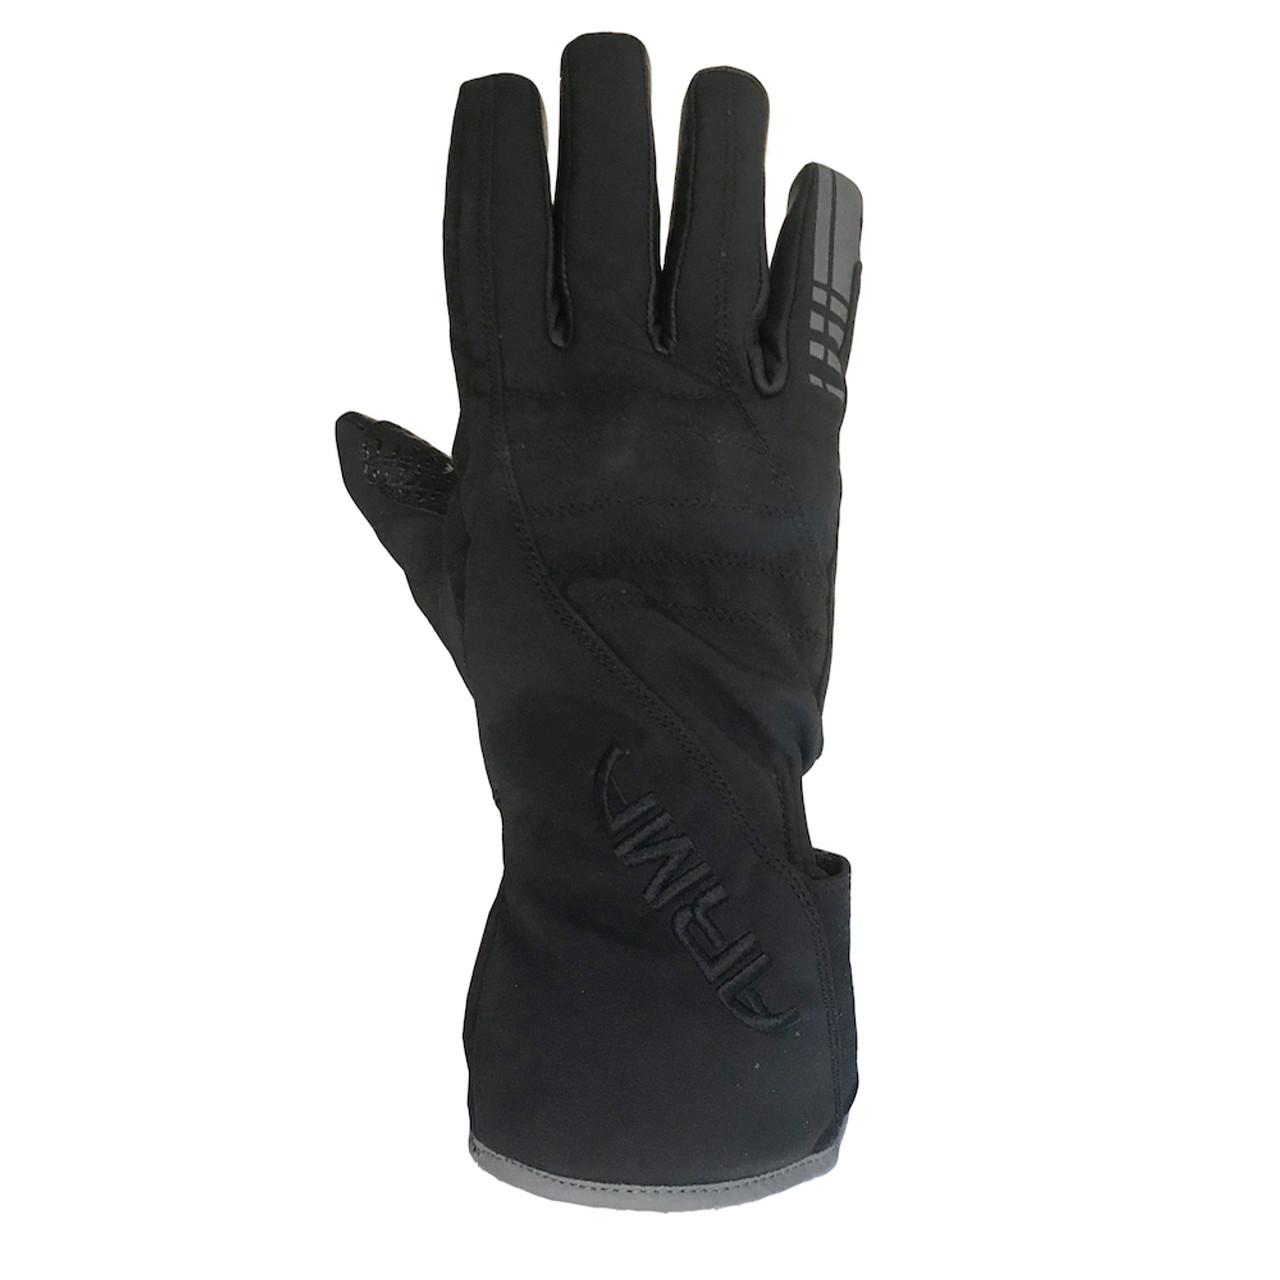 ARMR Kira LWP840 Ladies Waterproof Leather & Textile Gloves - Black